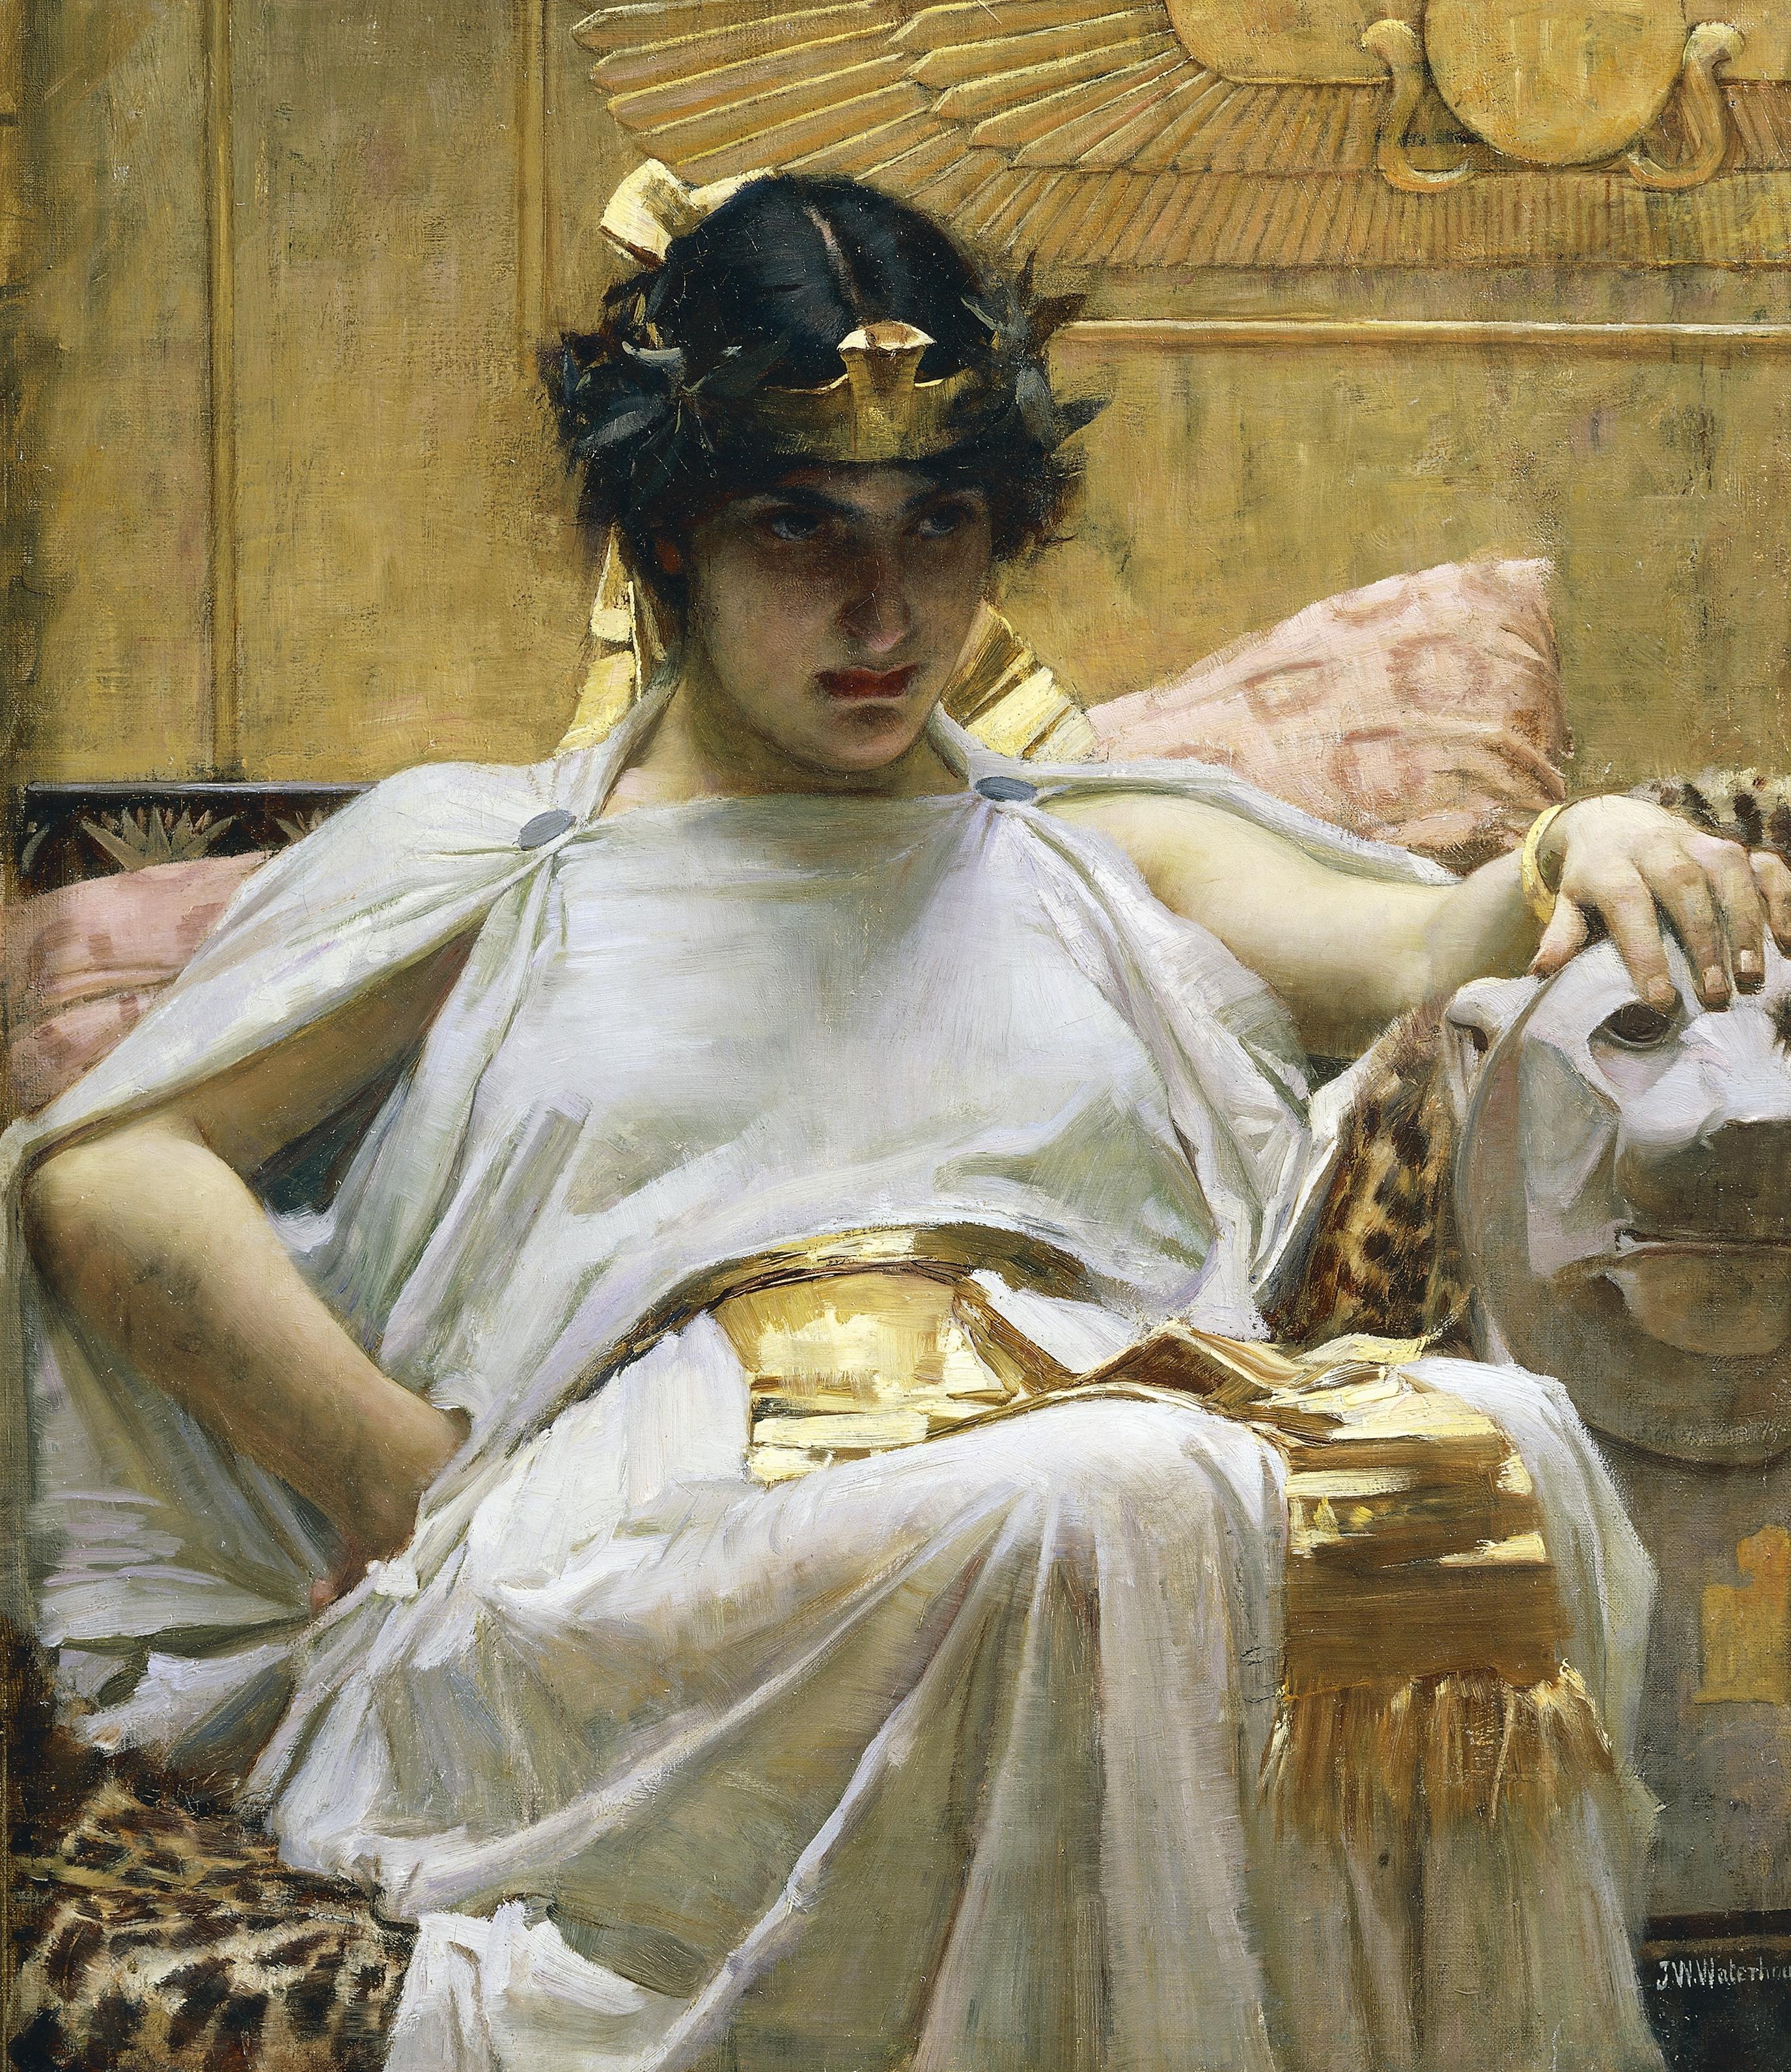 At What Age Did Cleopatra Die